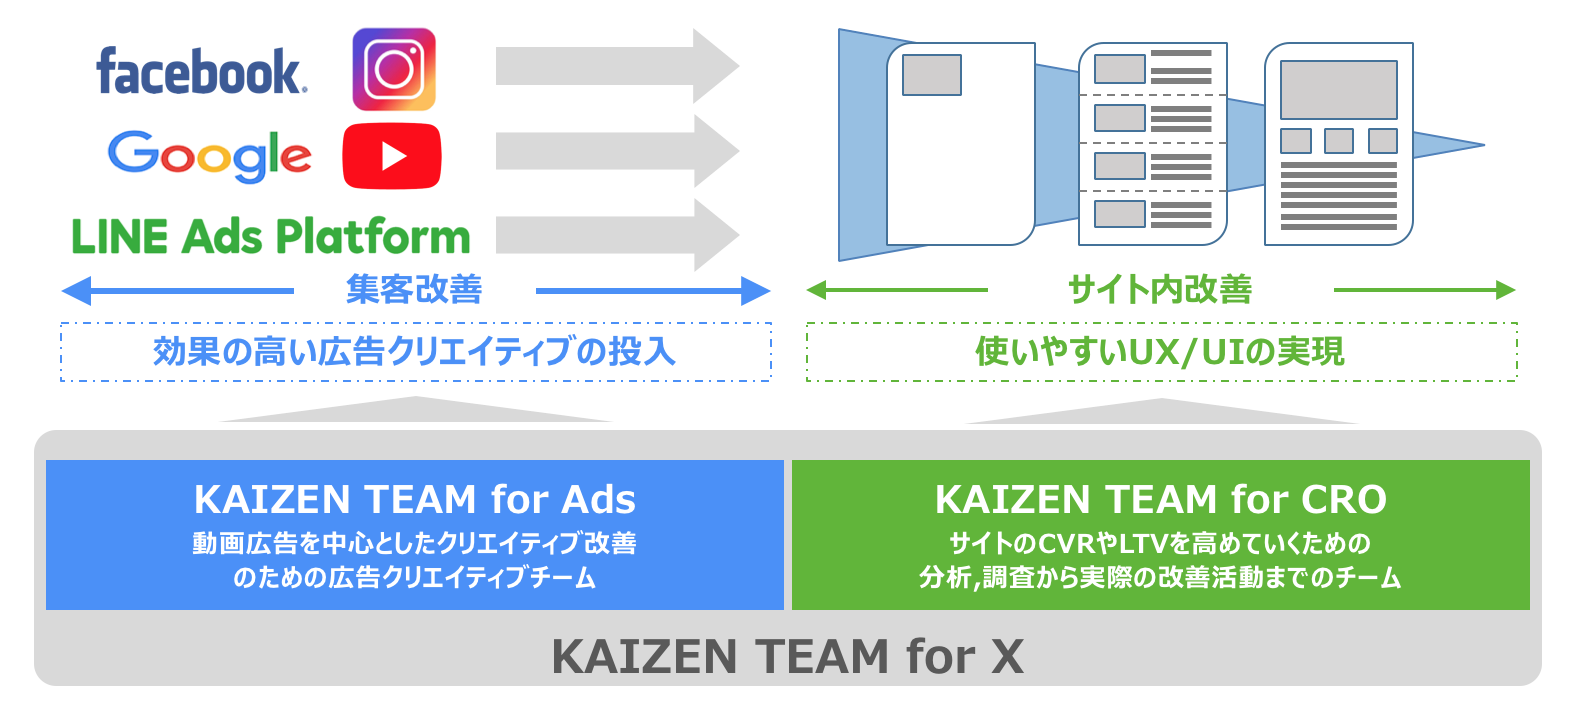 kaizen ad